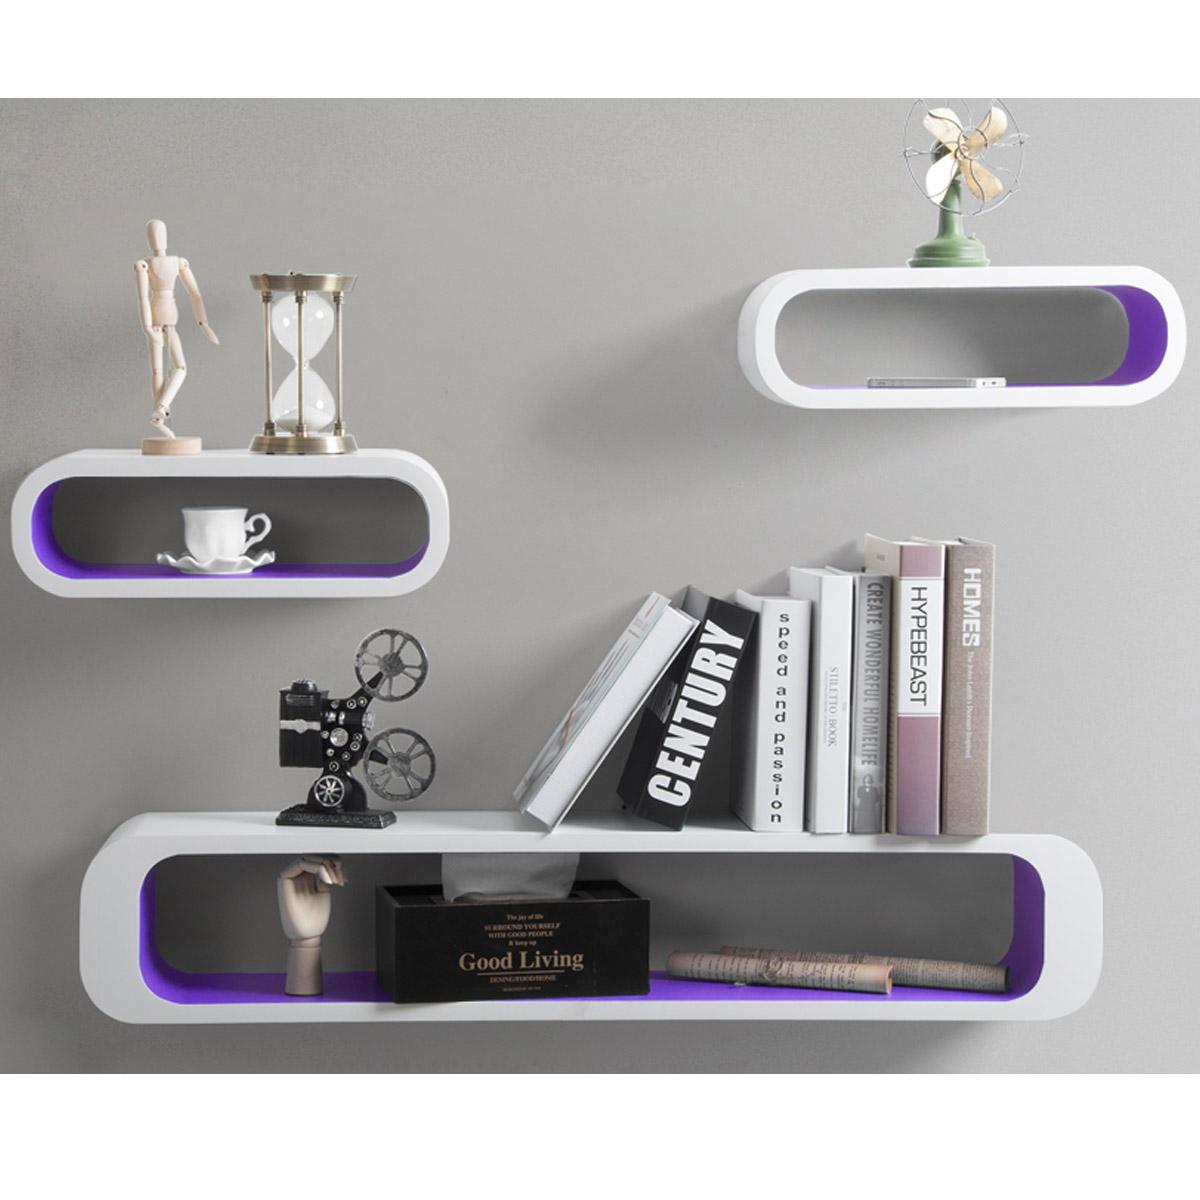 wandregal 3er set h ngeregal holzregal b cherregal regale cube lounge regal 178 ebay. Black Bedroom Furniture Sets. Home Design Ideas